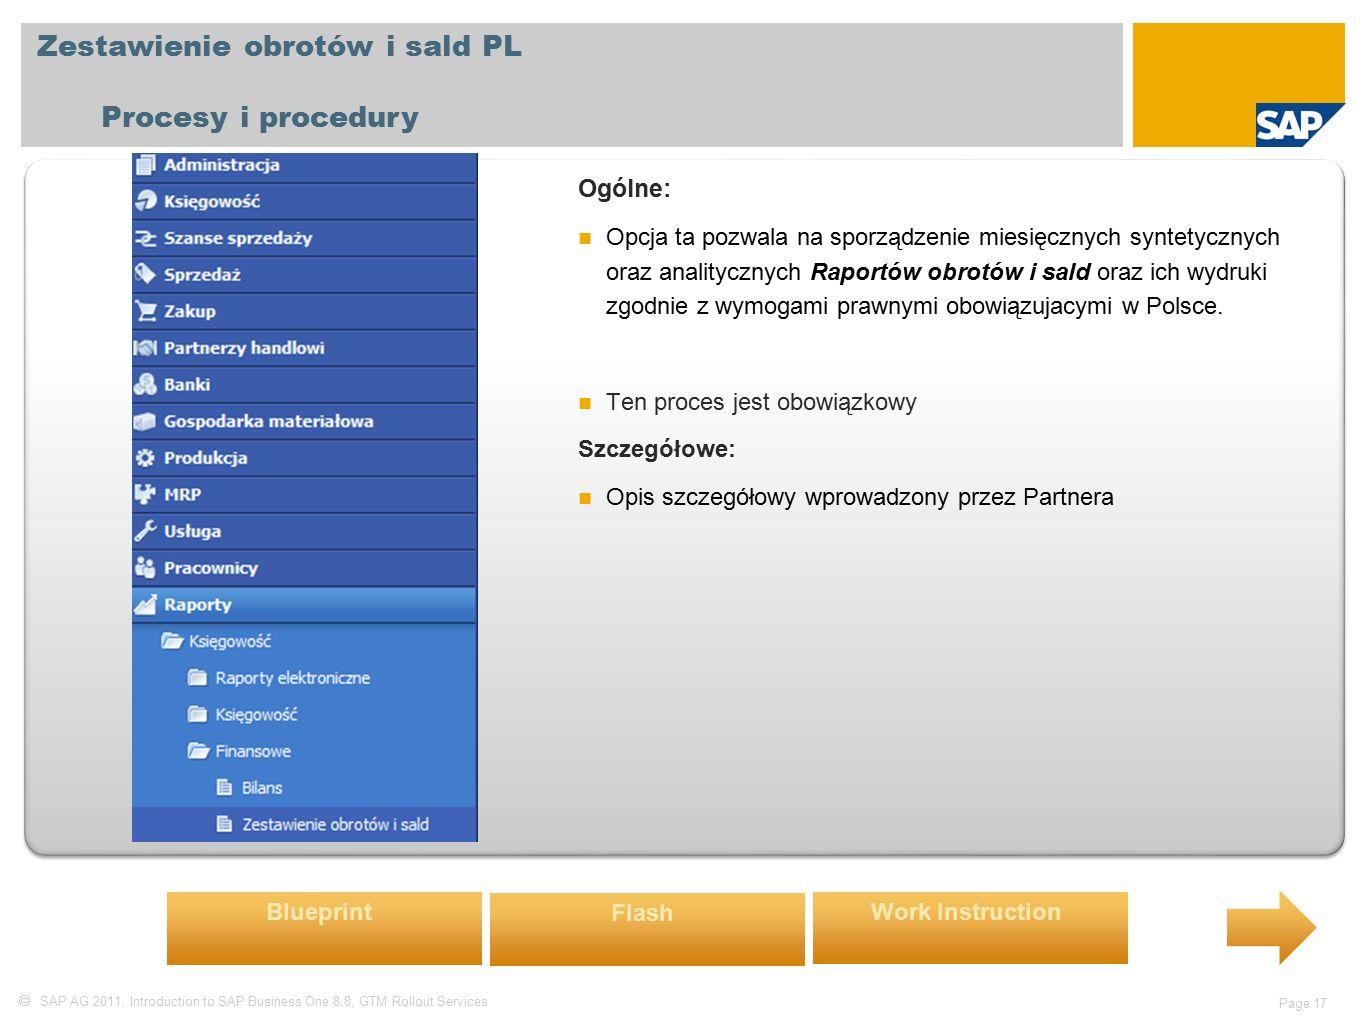  SAP AG 2011, Introduction to SAP Business One 8.8, GTM Rollout Services Page 17 Zestawienie obrotów i sald PL Procesy i procedury Ogólne: Opcja ta pozwala na sporządzenie miesięcznych syntetycznych oraz analitycznych Raportów obrotów i sald oraz ich wydruki zgodnie z wymogami prawnymi obowiązujacymi w Polsce.